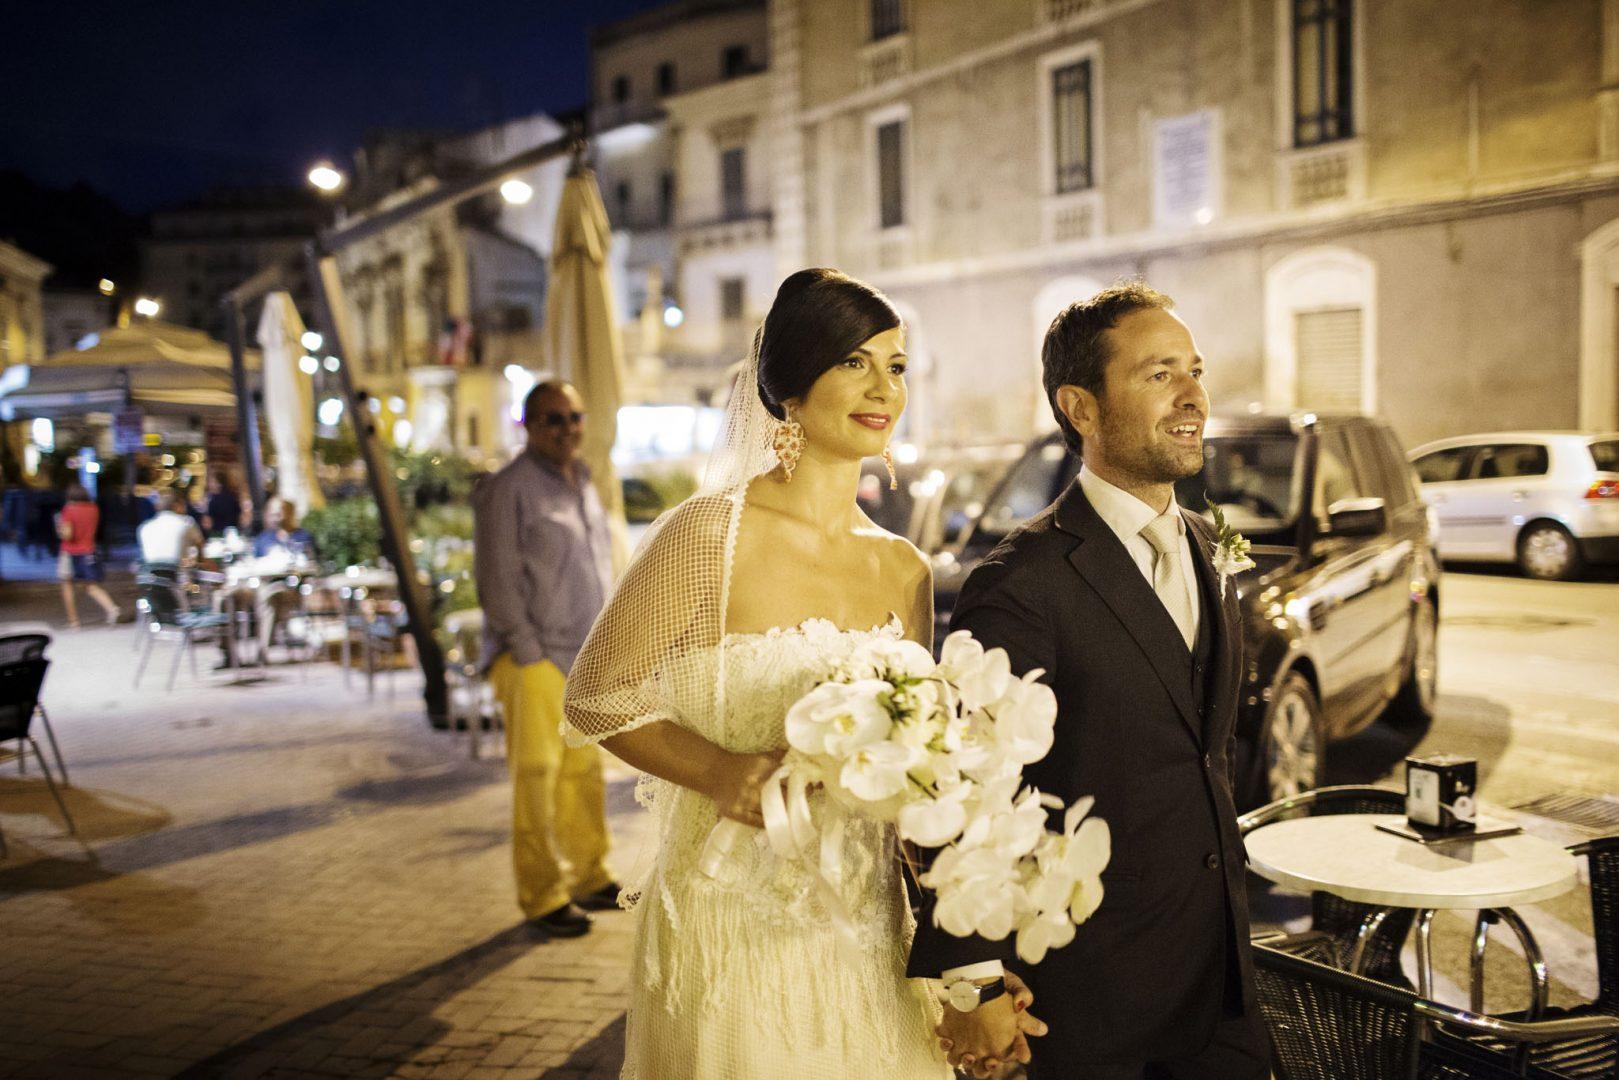 Gli sposi passeggiano. Nino Lombardo fotografo matrimonio a Modica